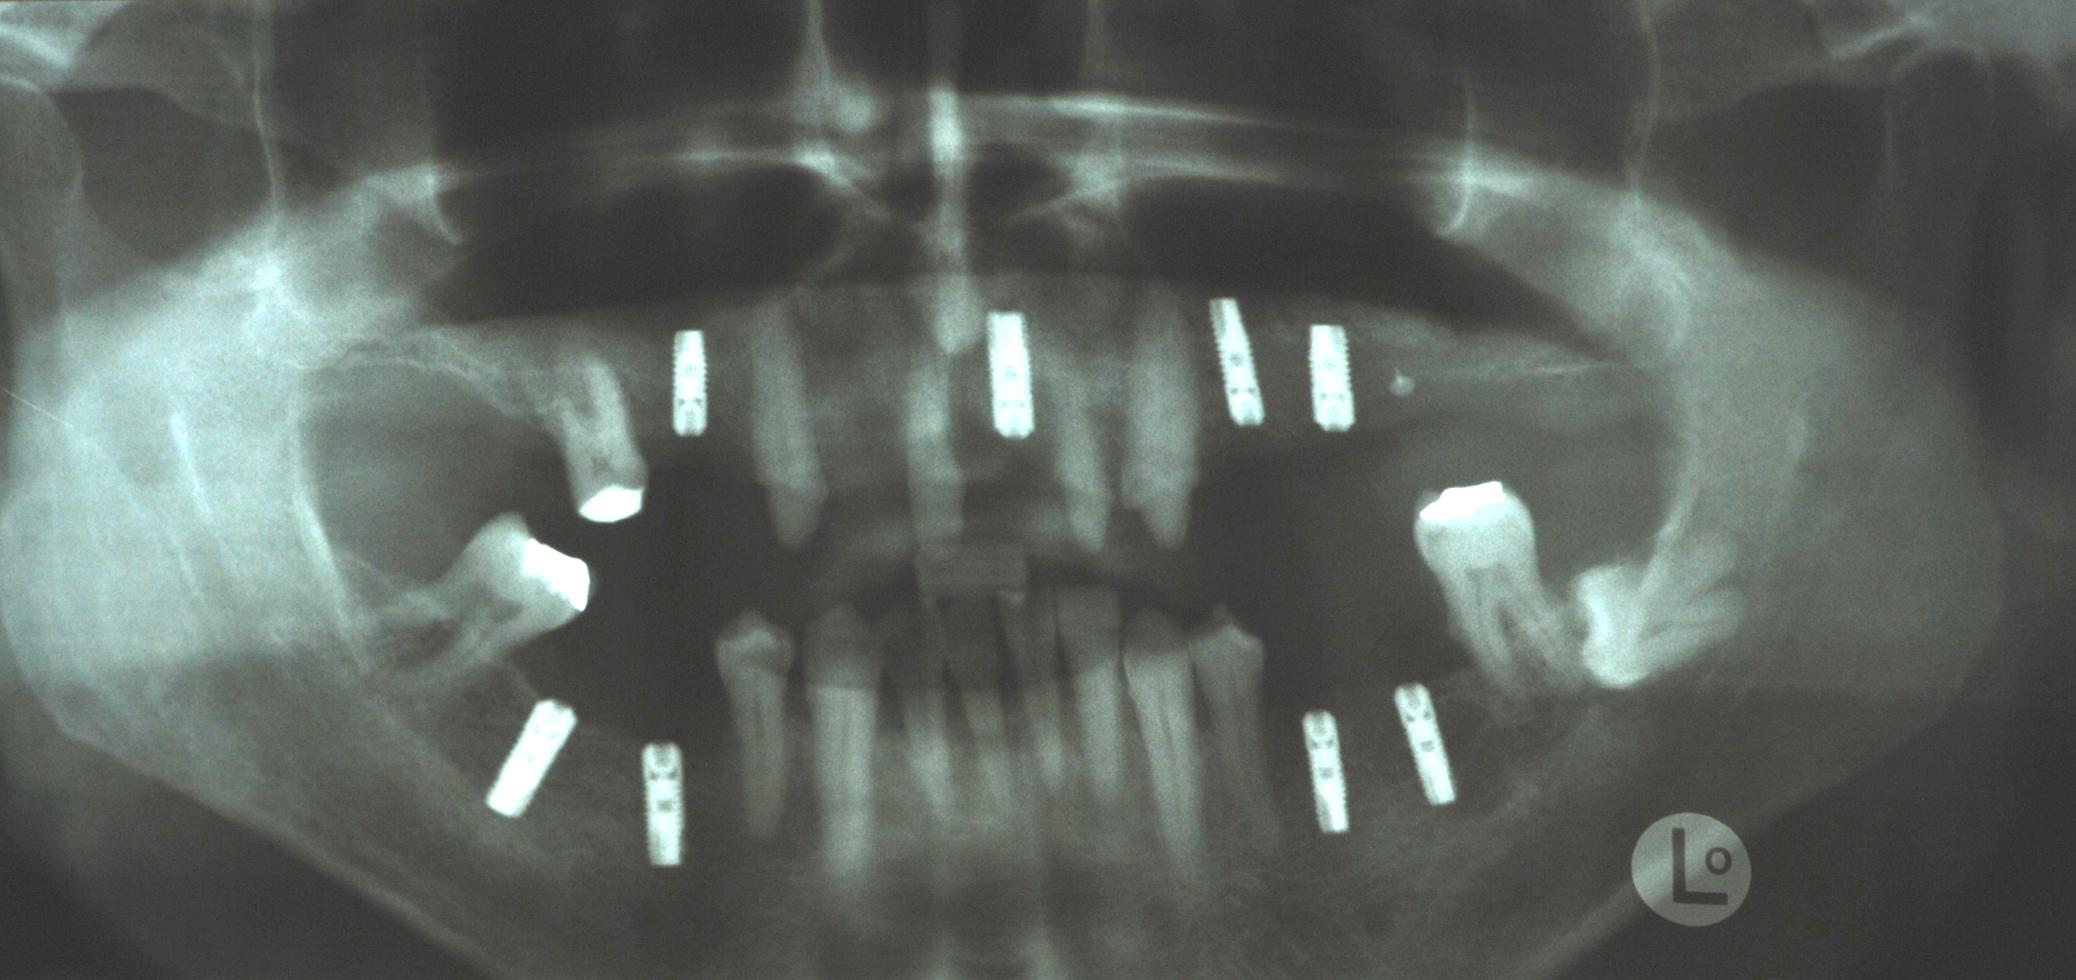 Hightech-Implantate: Direkt nach dem Setzen der Implantate